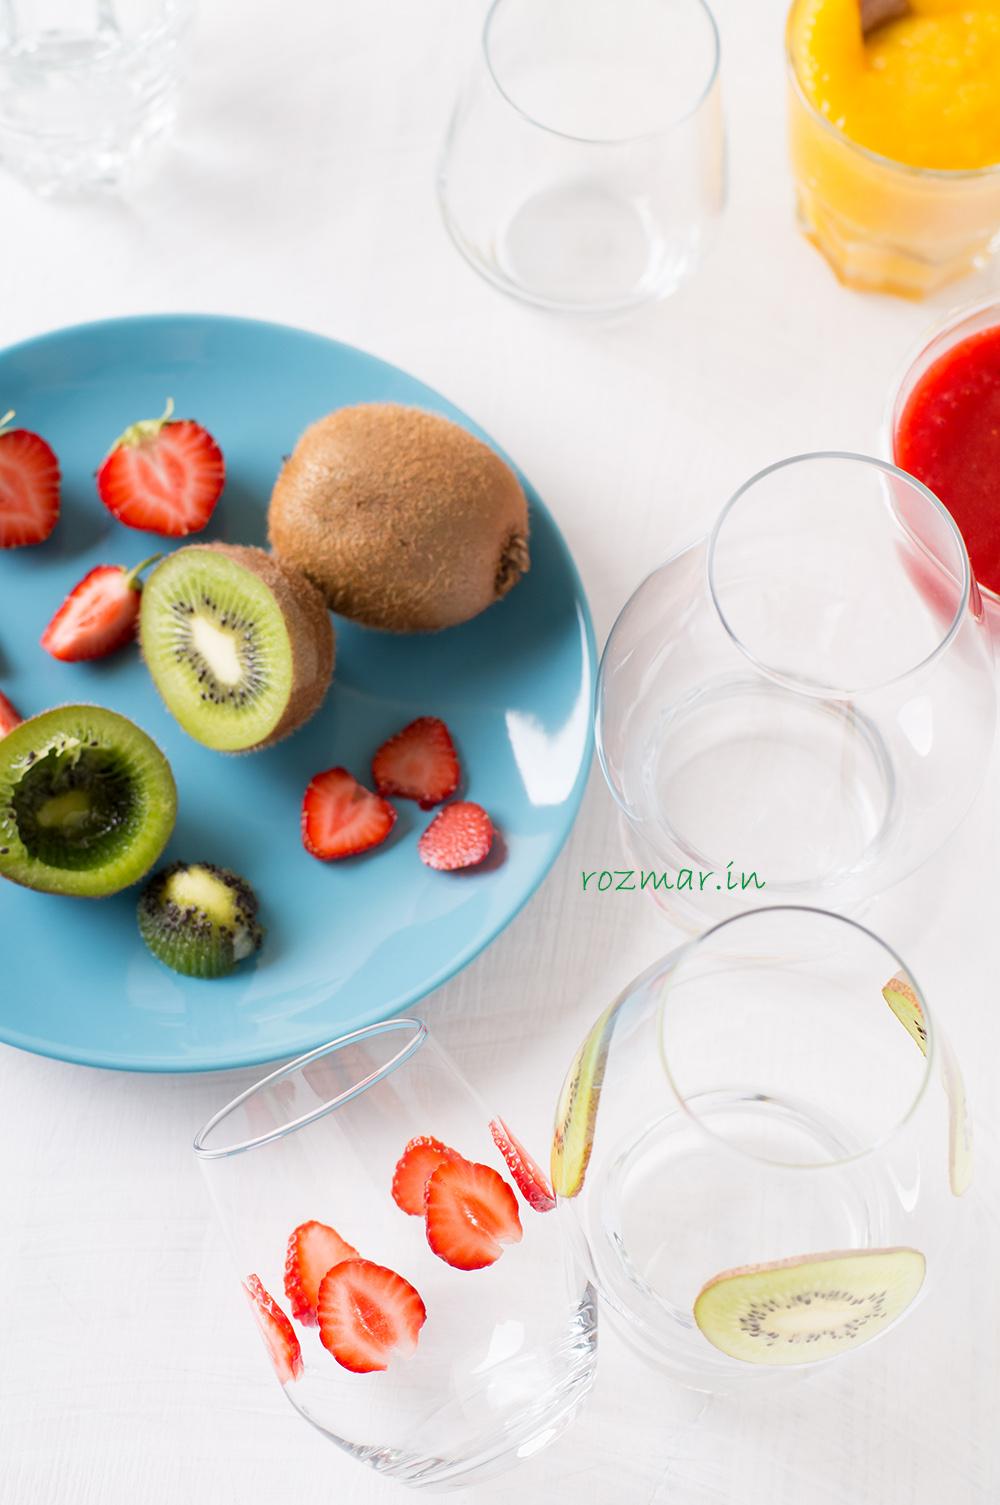 Стаканы для десертов, фрукты